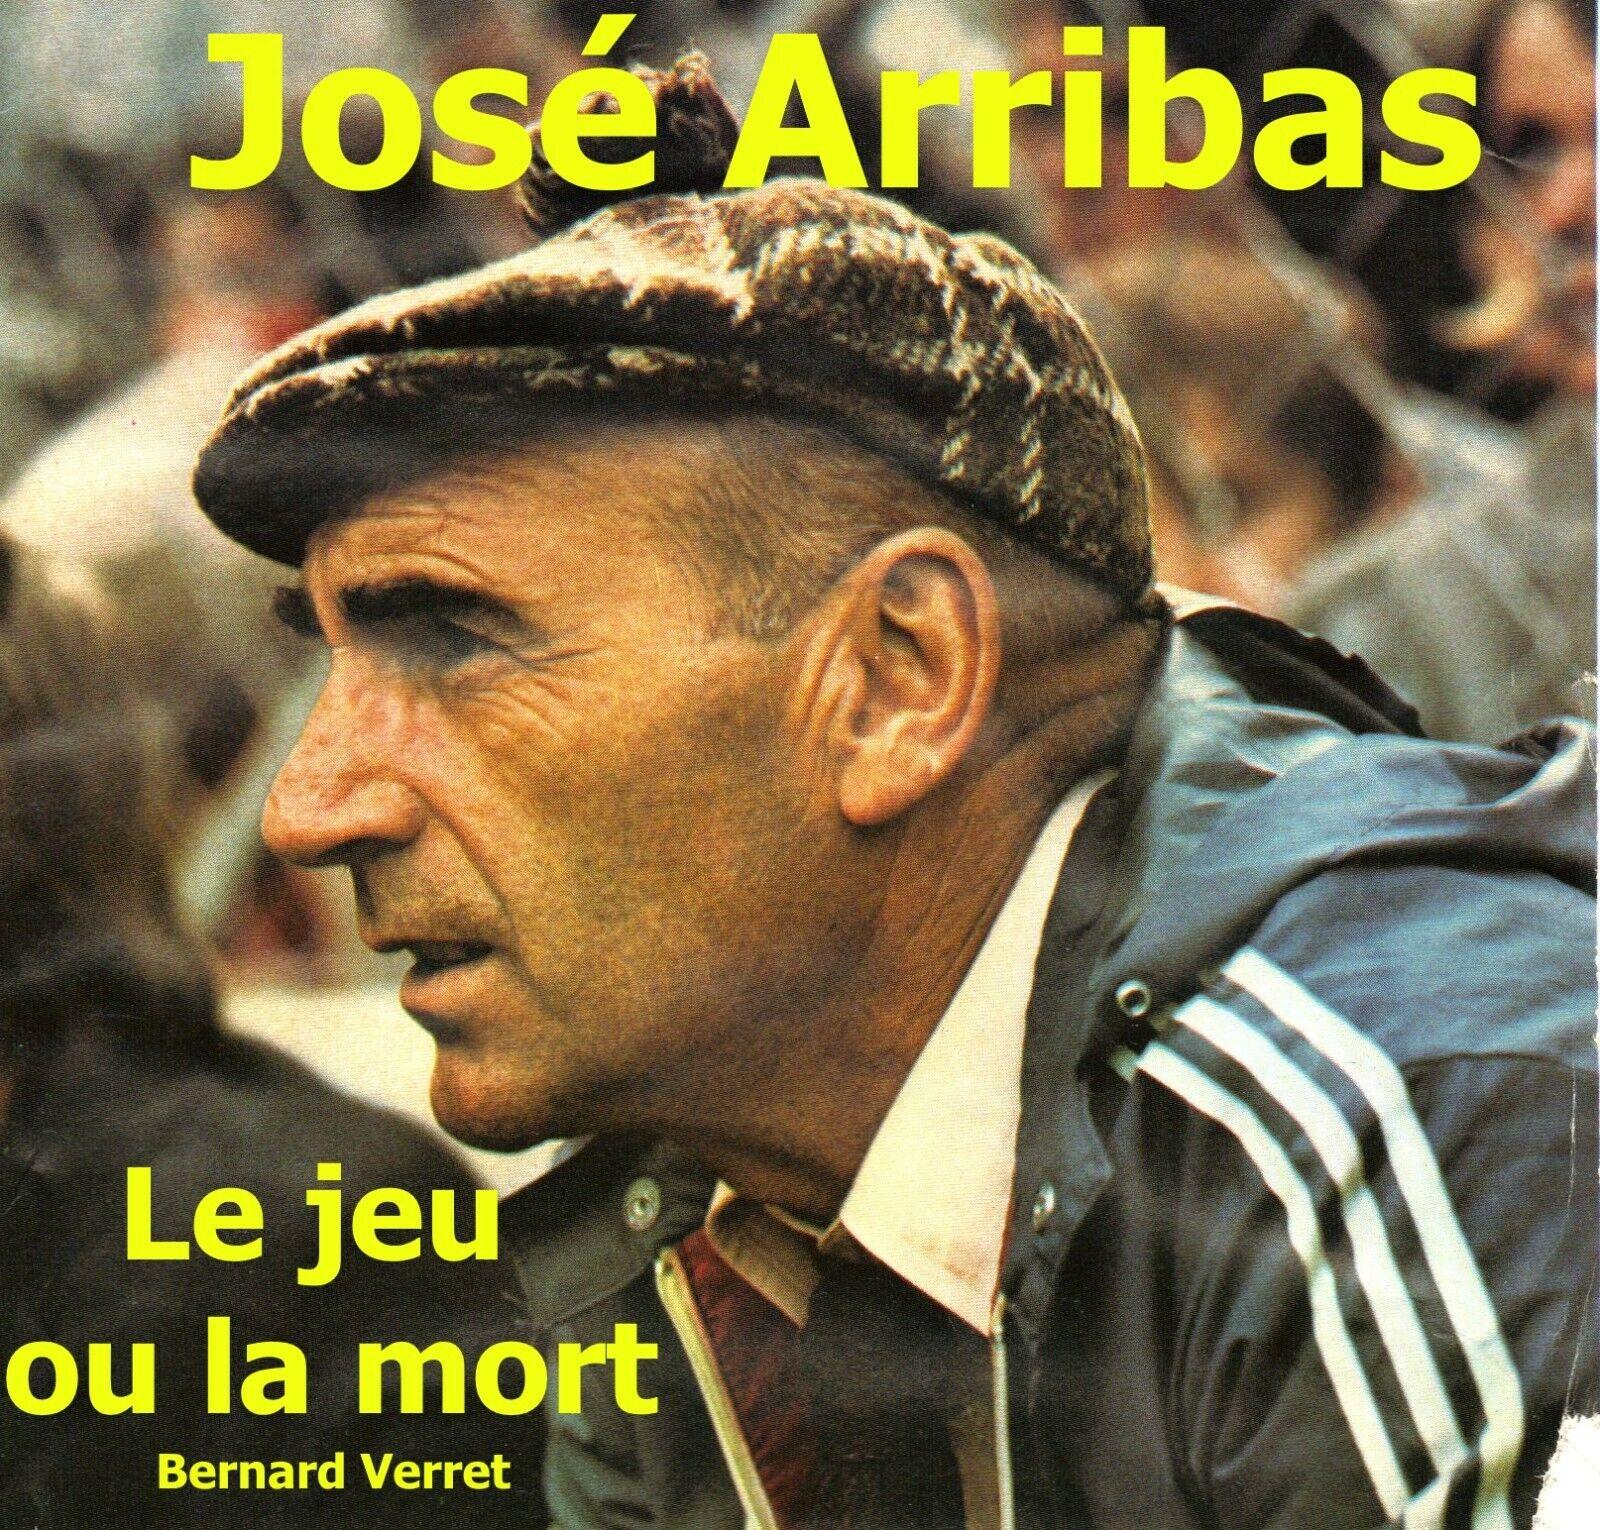 José Arribas, le jeu ou la mort